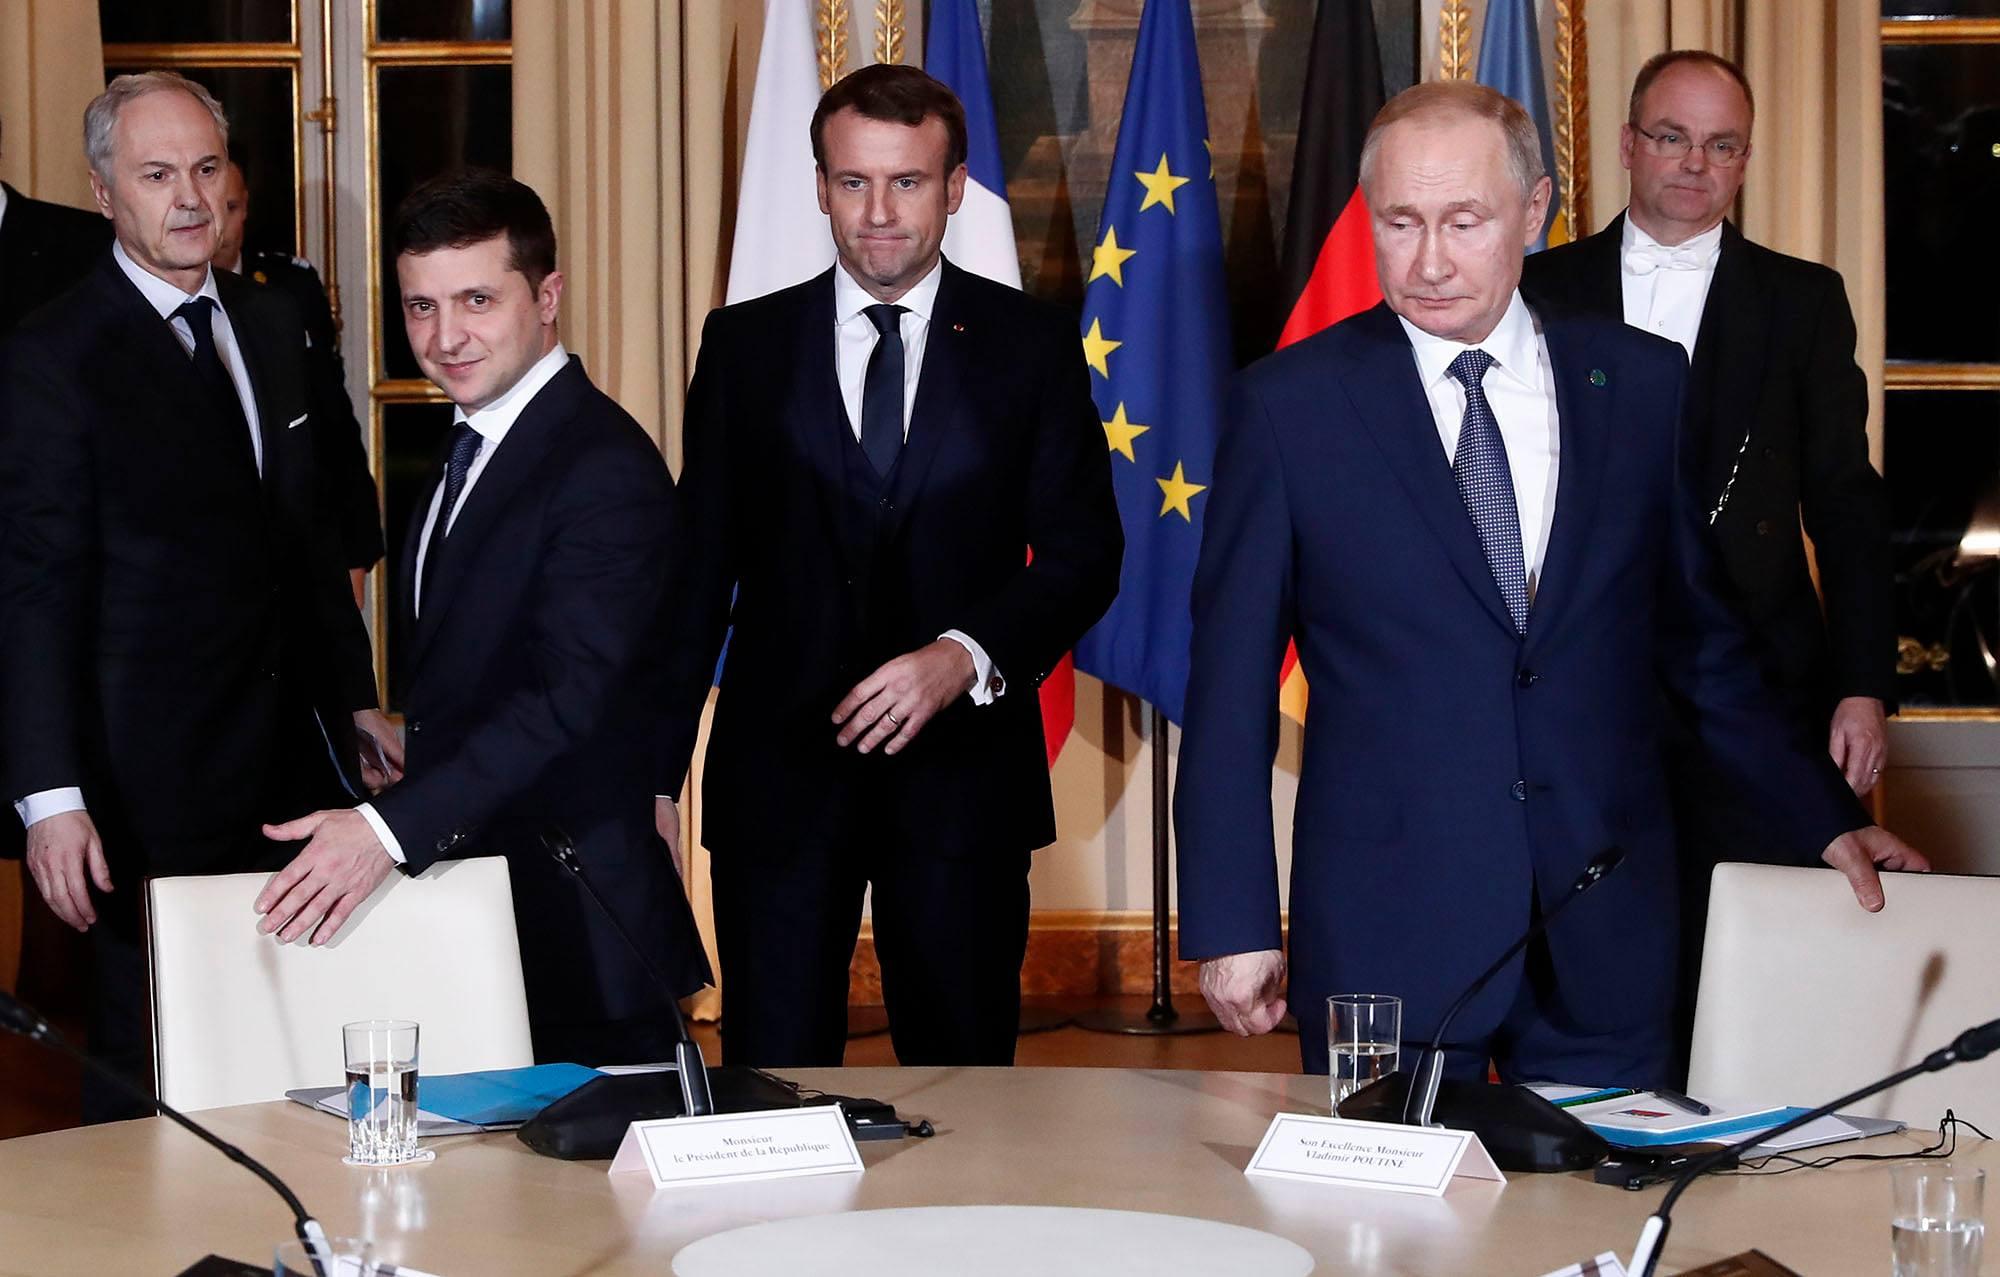 Фото першої зустрічі Путіна і Зеленського